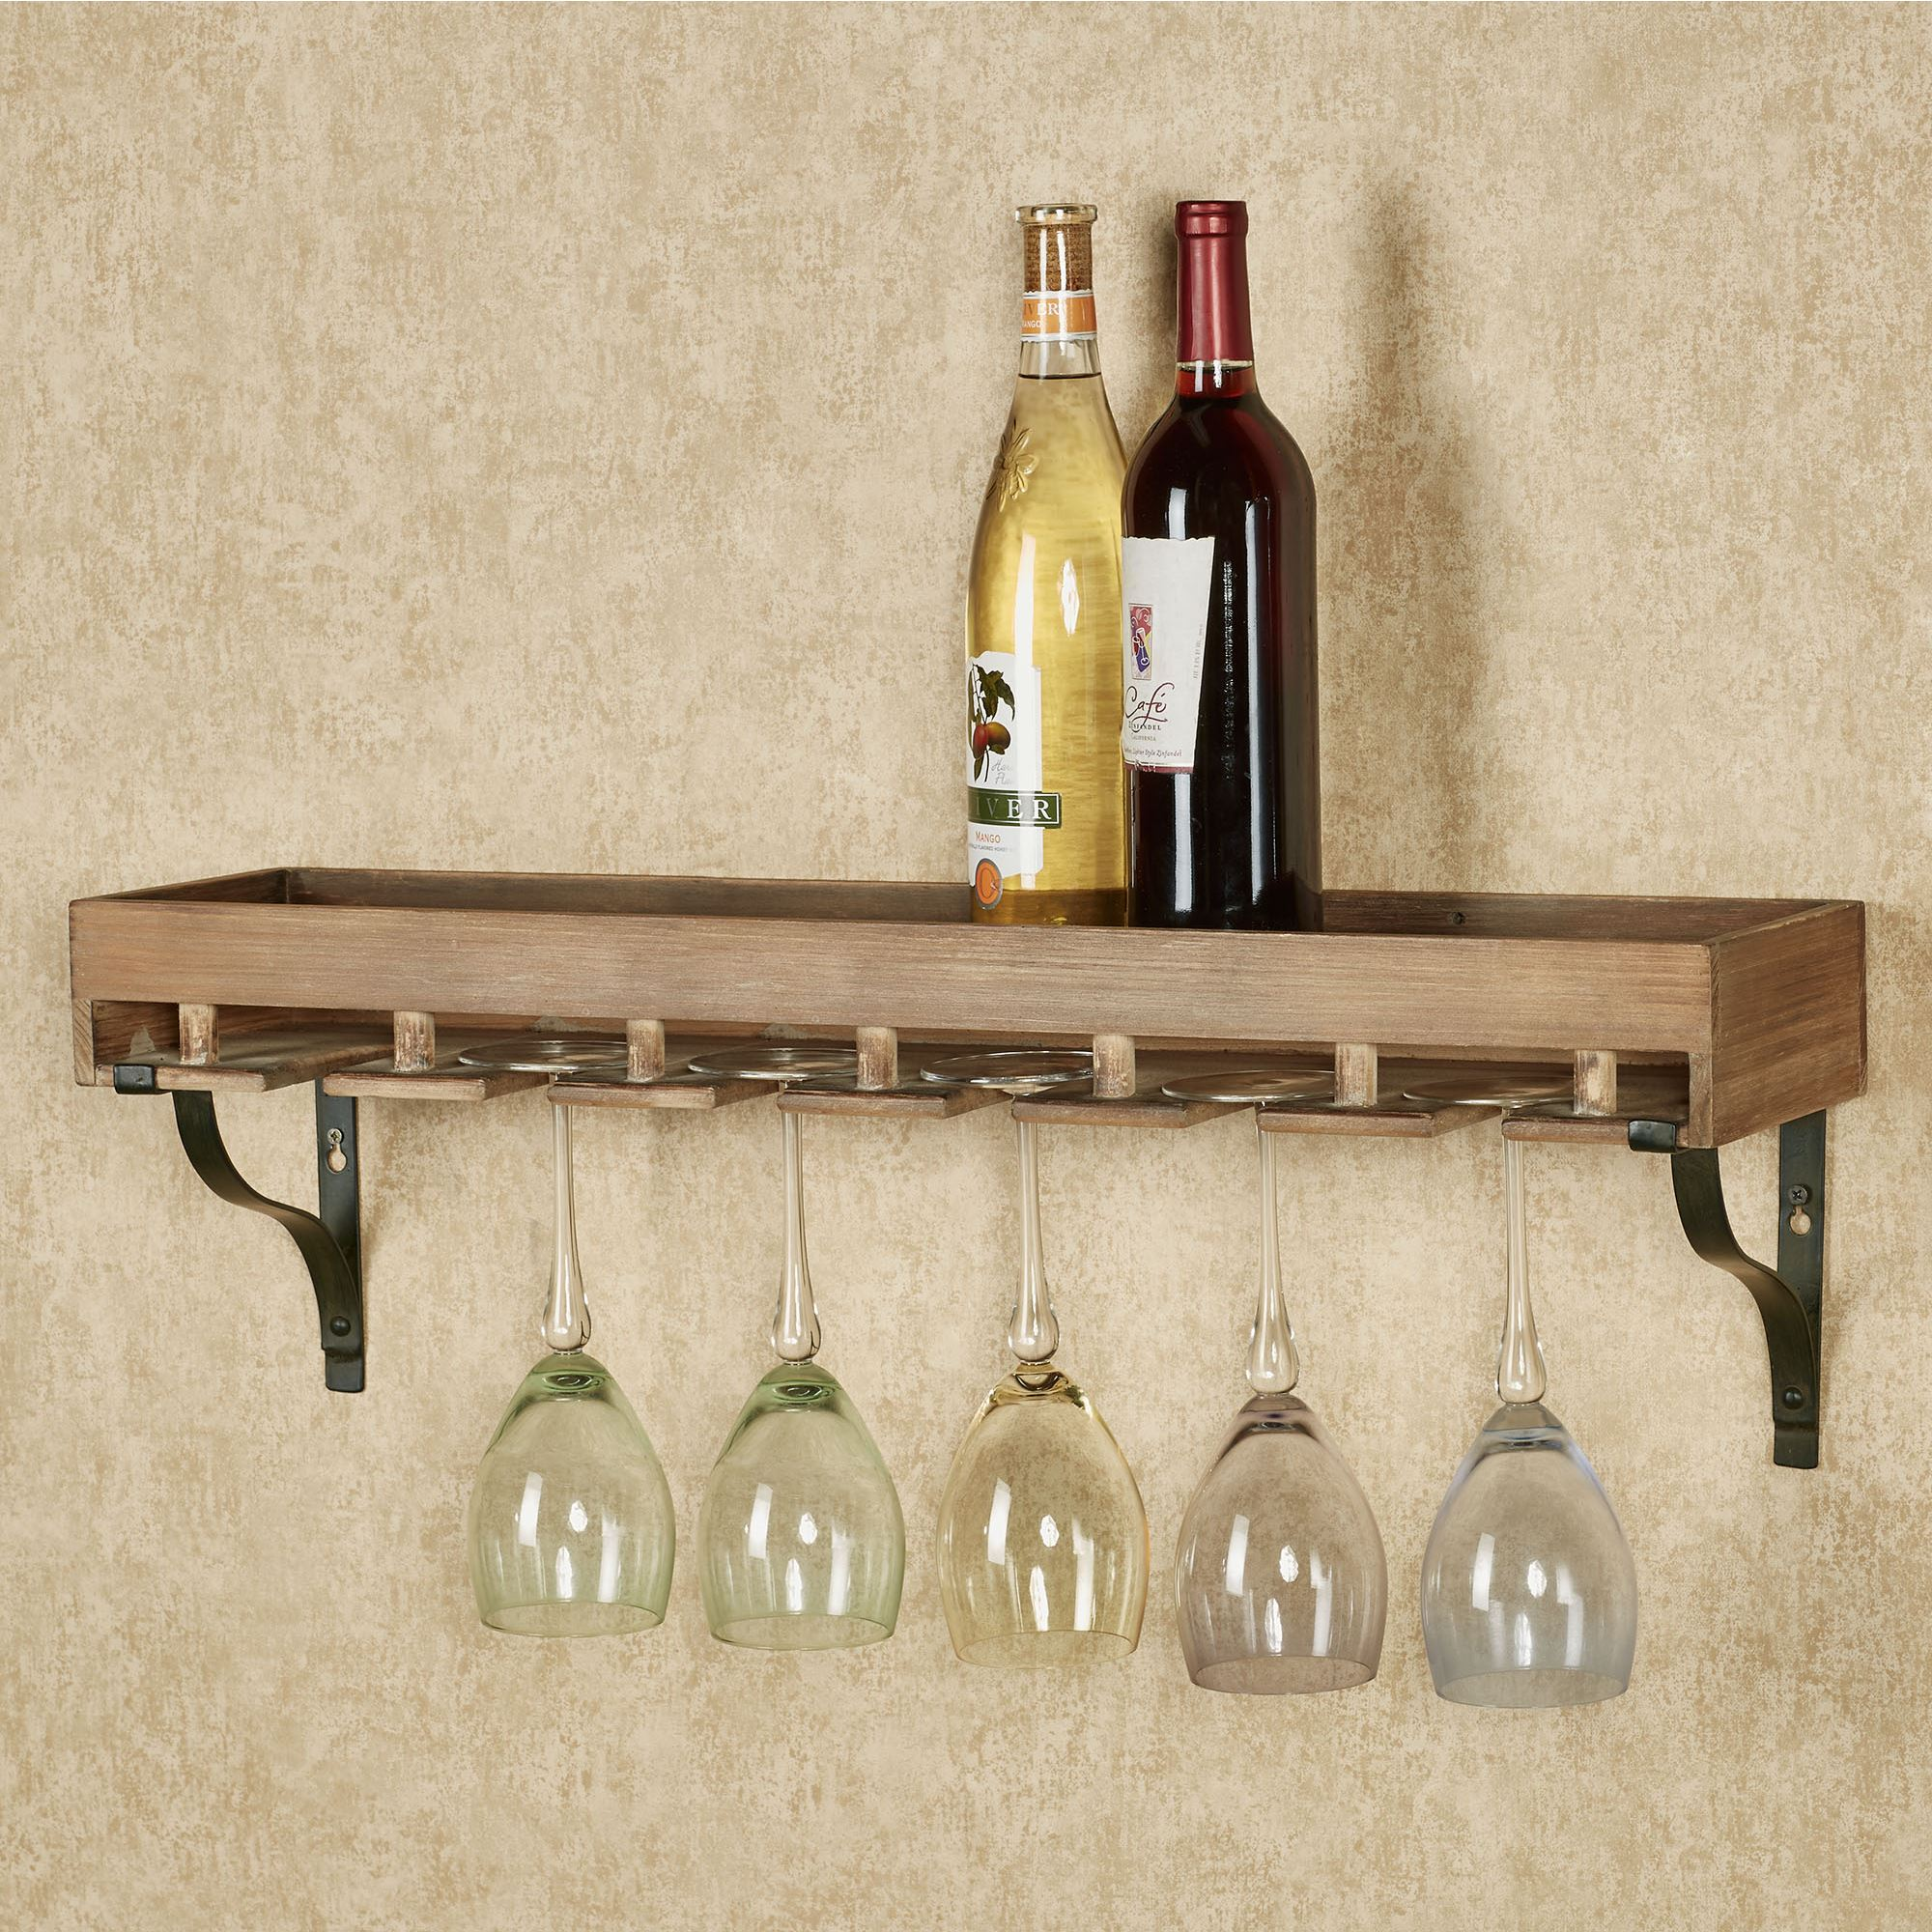 Wine Storage Wall Shelf With Stemware Rack